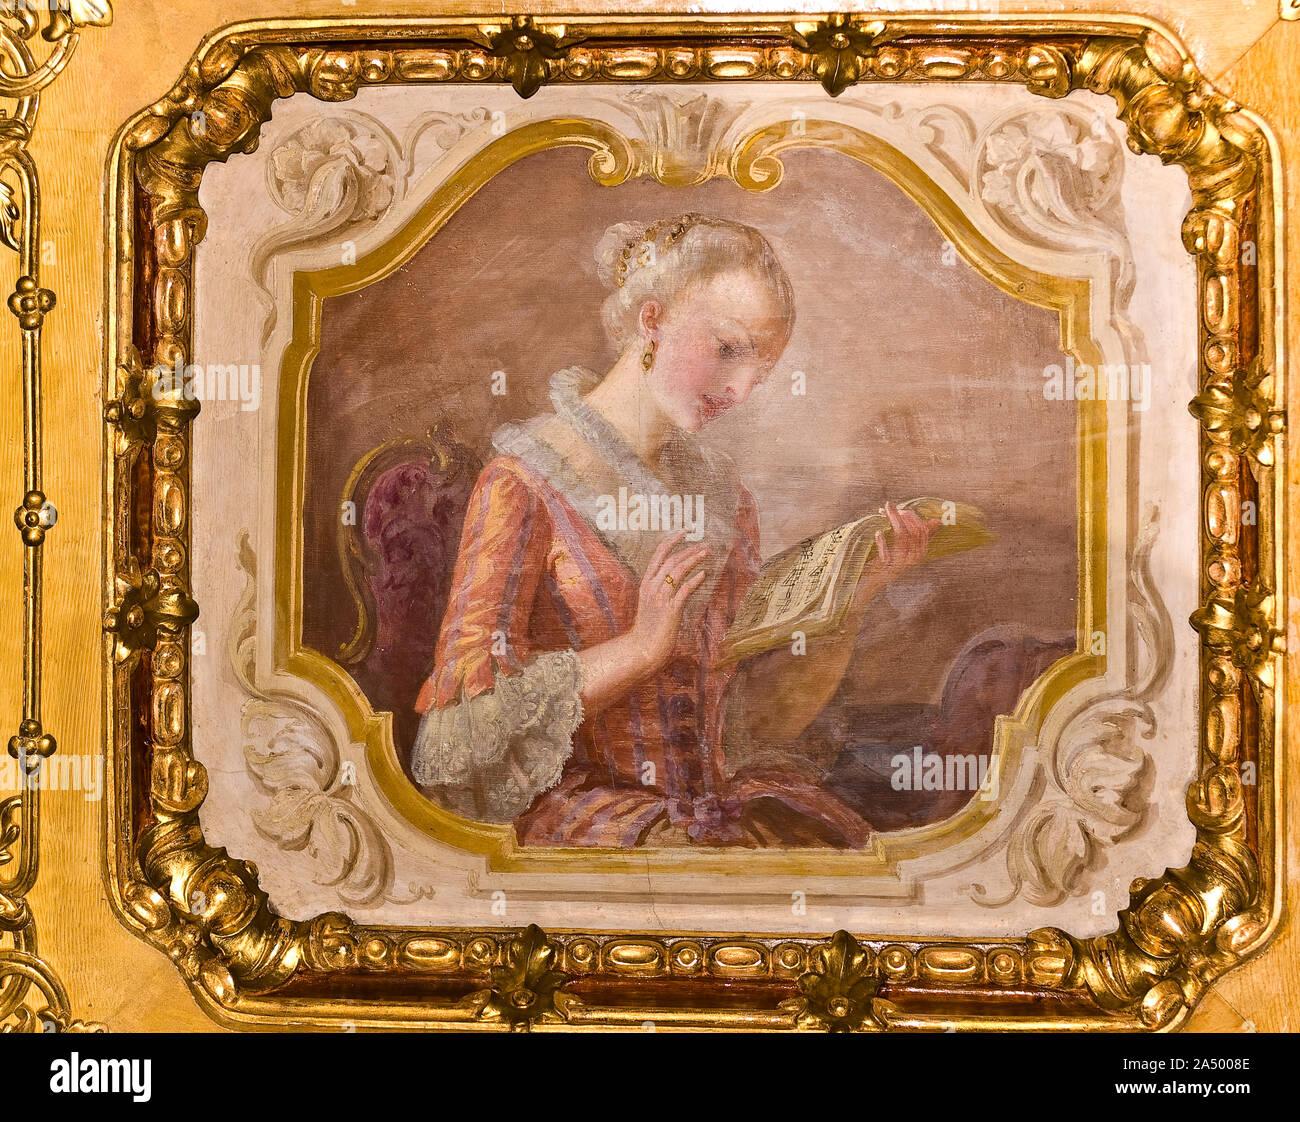 Italia Piemonte Venaria Reale Parco Regionale La Mandria Castello Sala Da Pranzo Soffitto Dipinto A Cassettoni Foto Stock Alamy